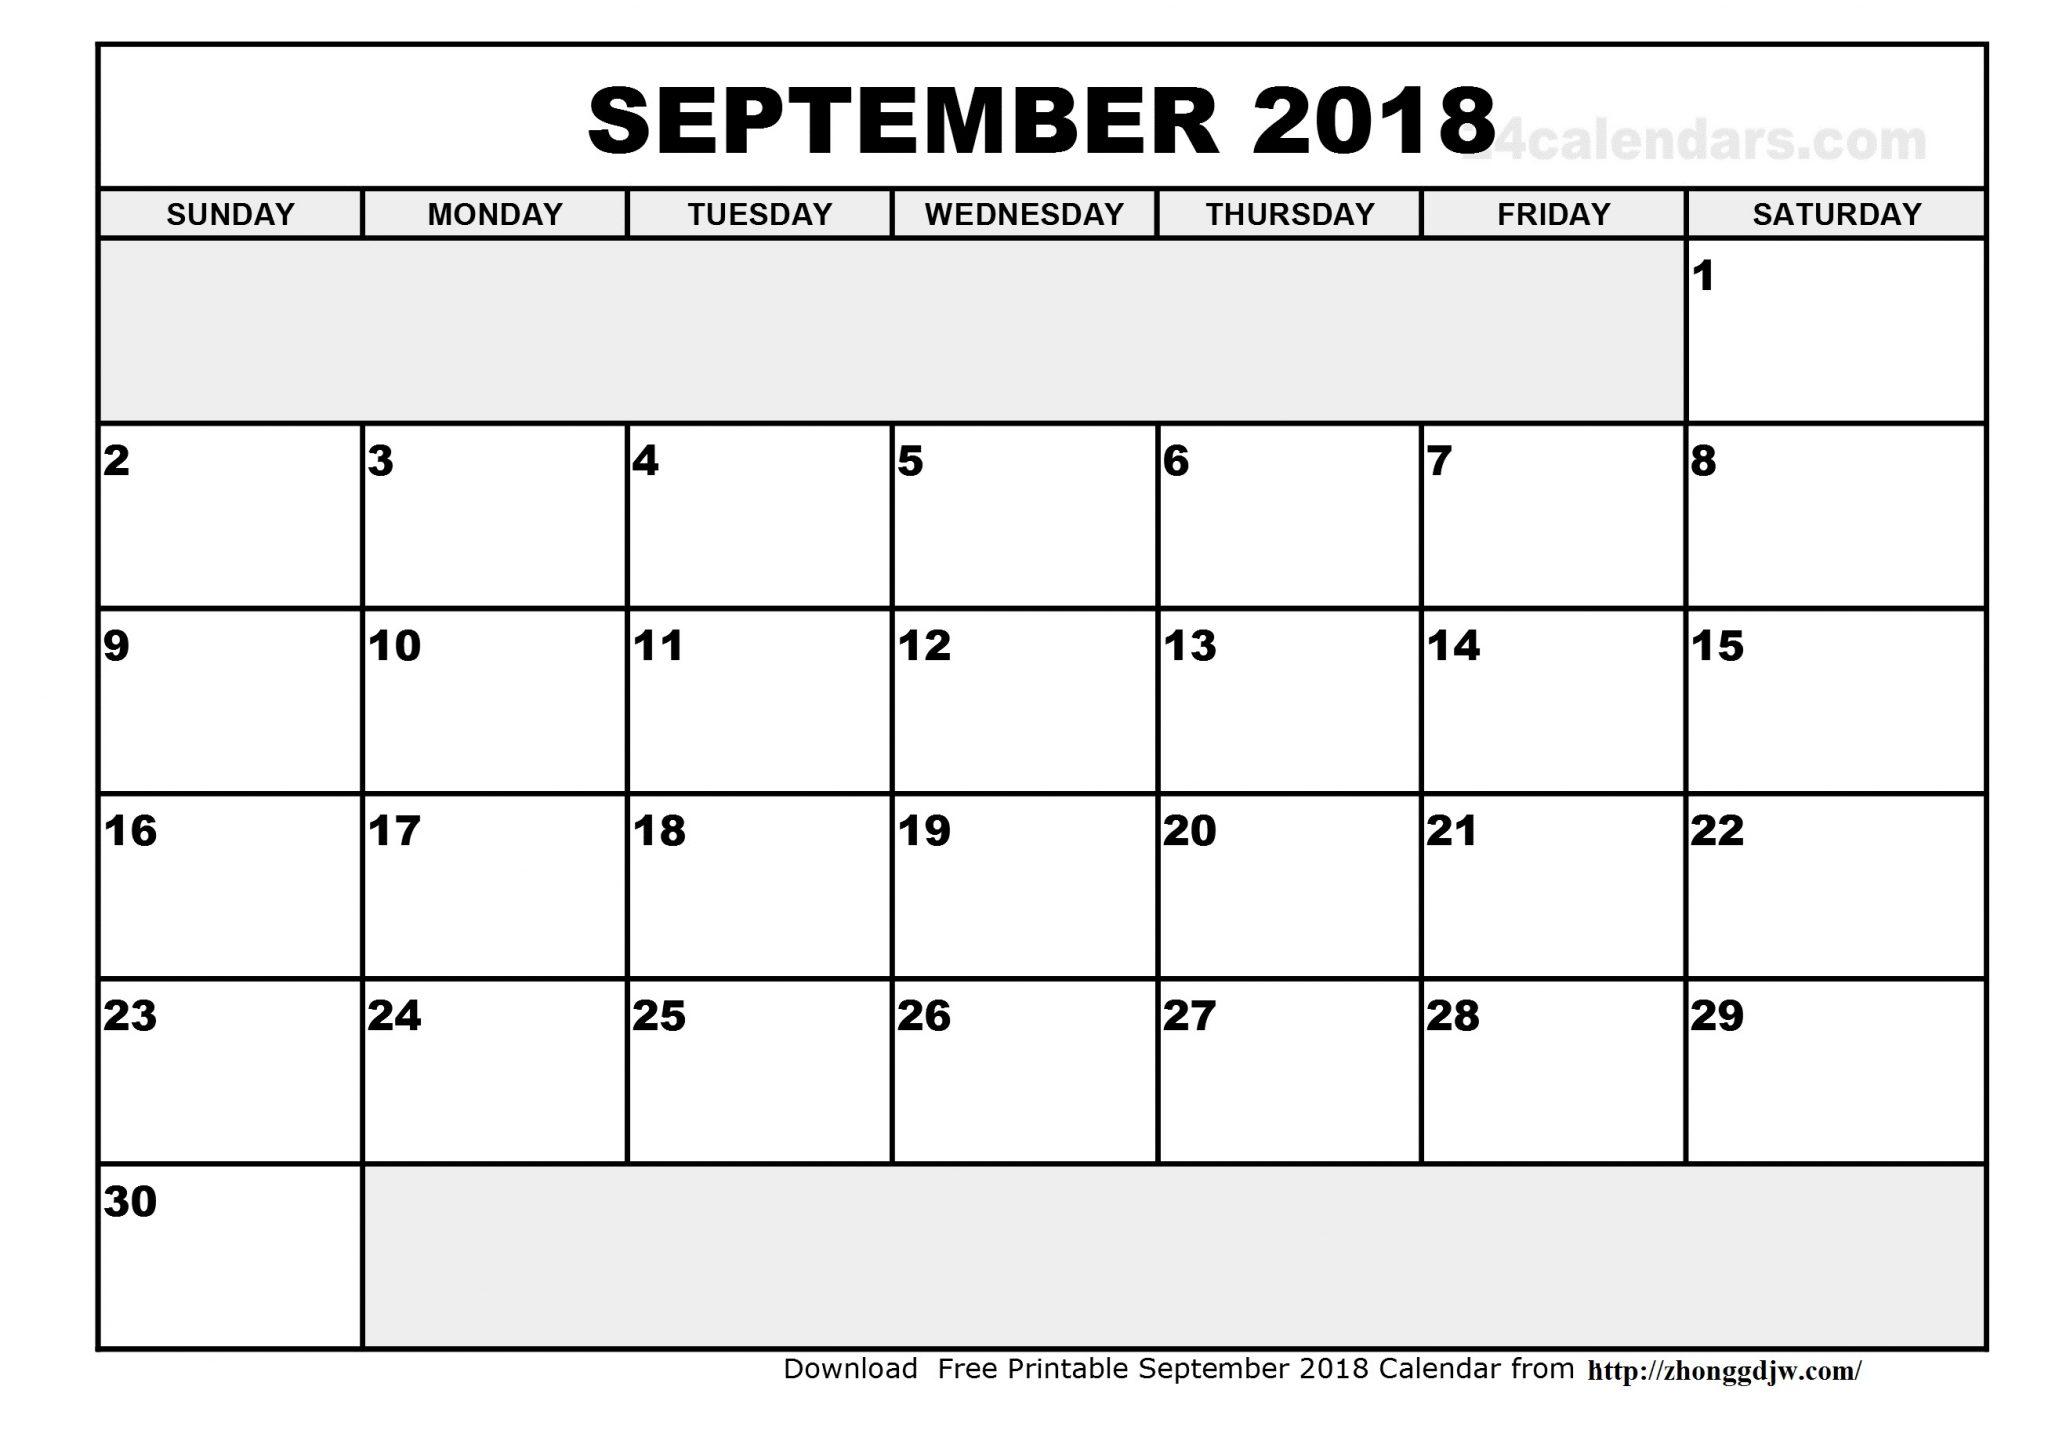 Blank September 2018 Calendar